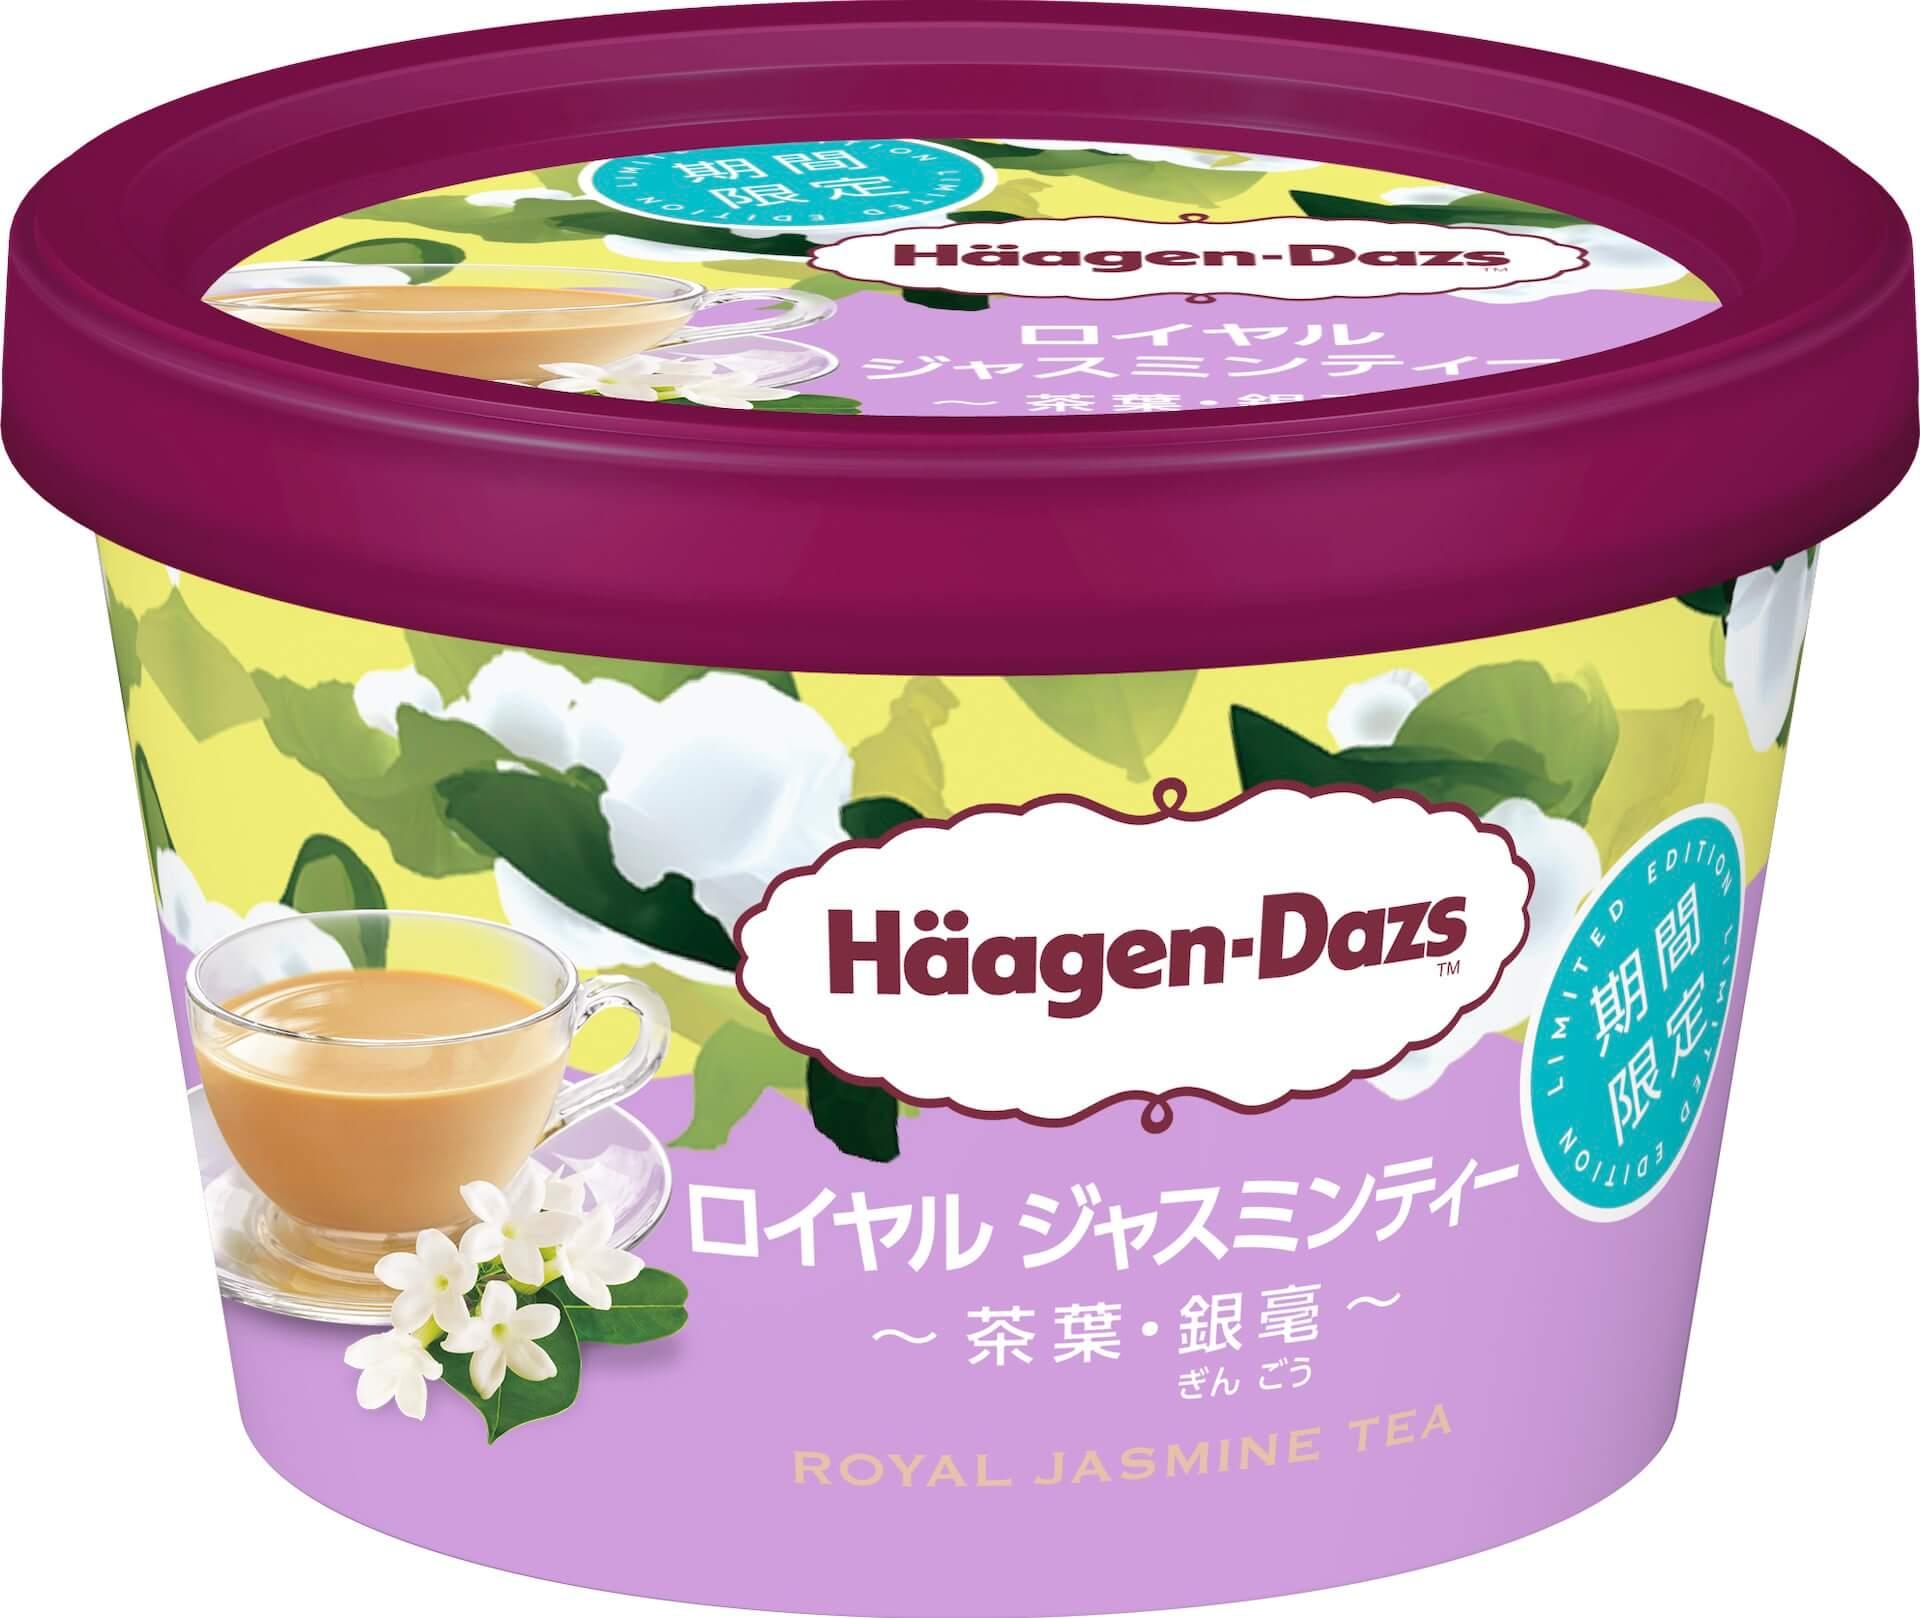 ハーゲンダッツから等級の高い茶葉を厳選した期間限定フレーバー『ロイヤル ジャスミンティー ~茶葉・銀毫~』が新発売! gourmet200414_haagendats_05-1